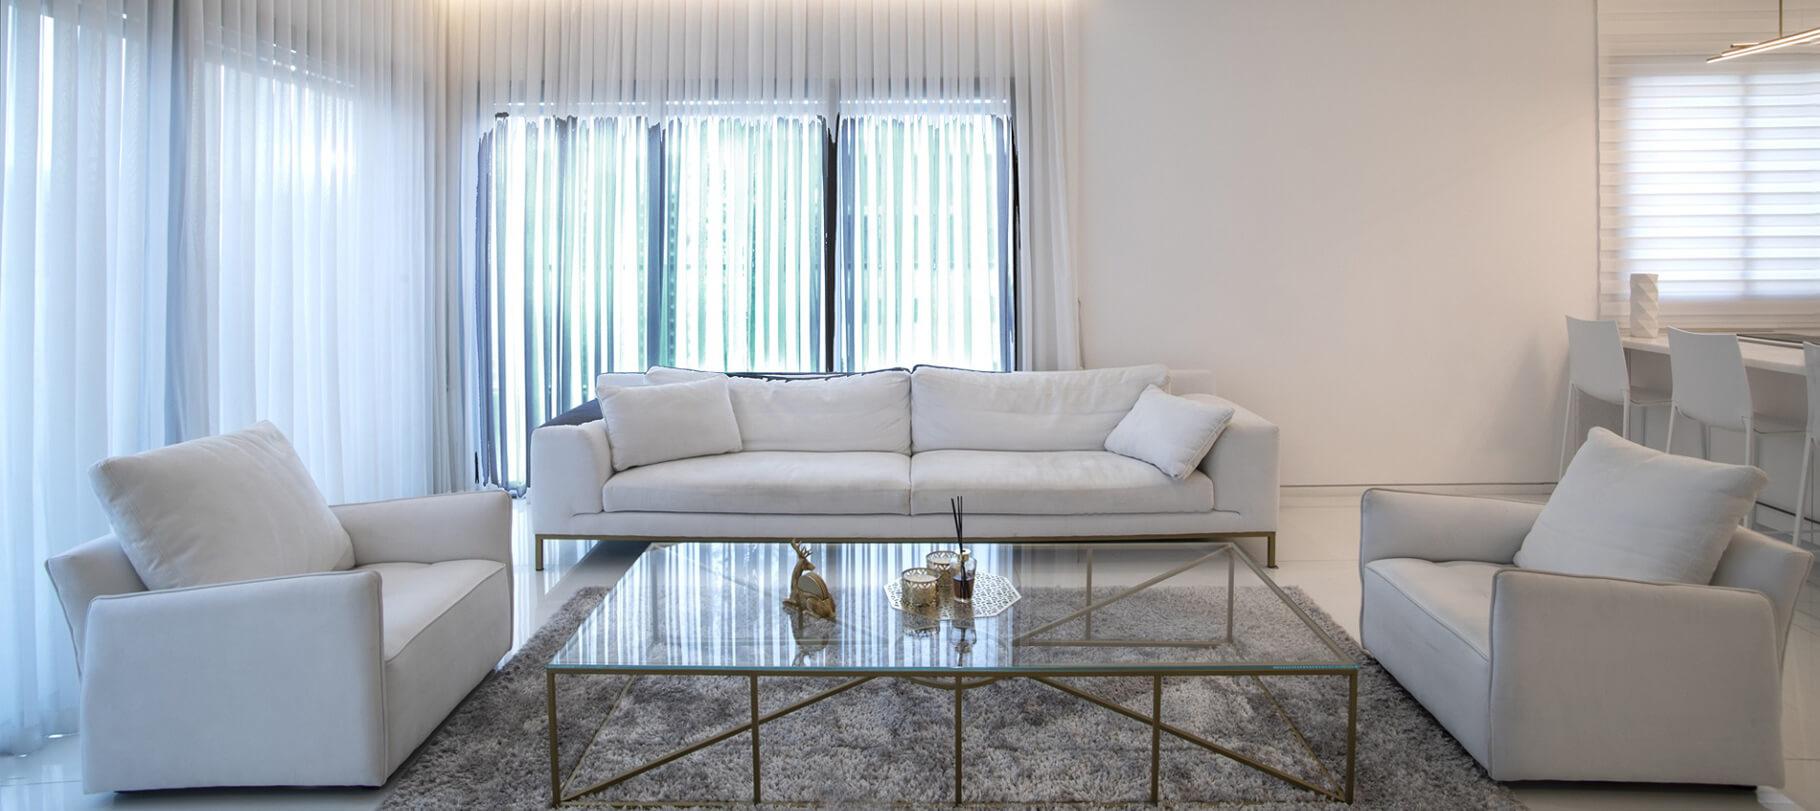 טיפים לעיצוב חדר אורחים